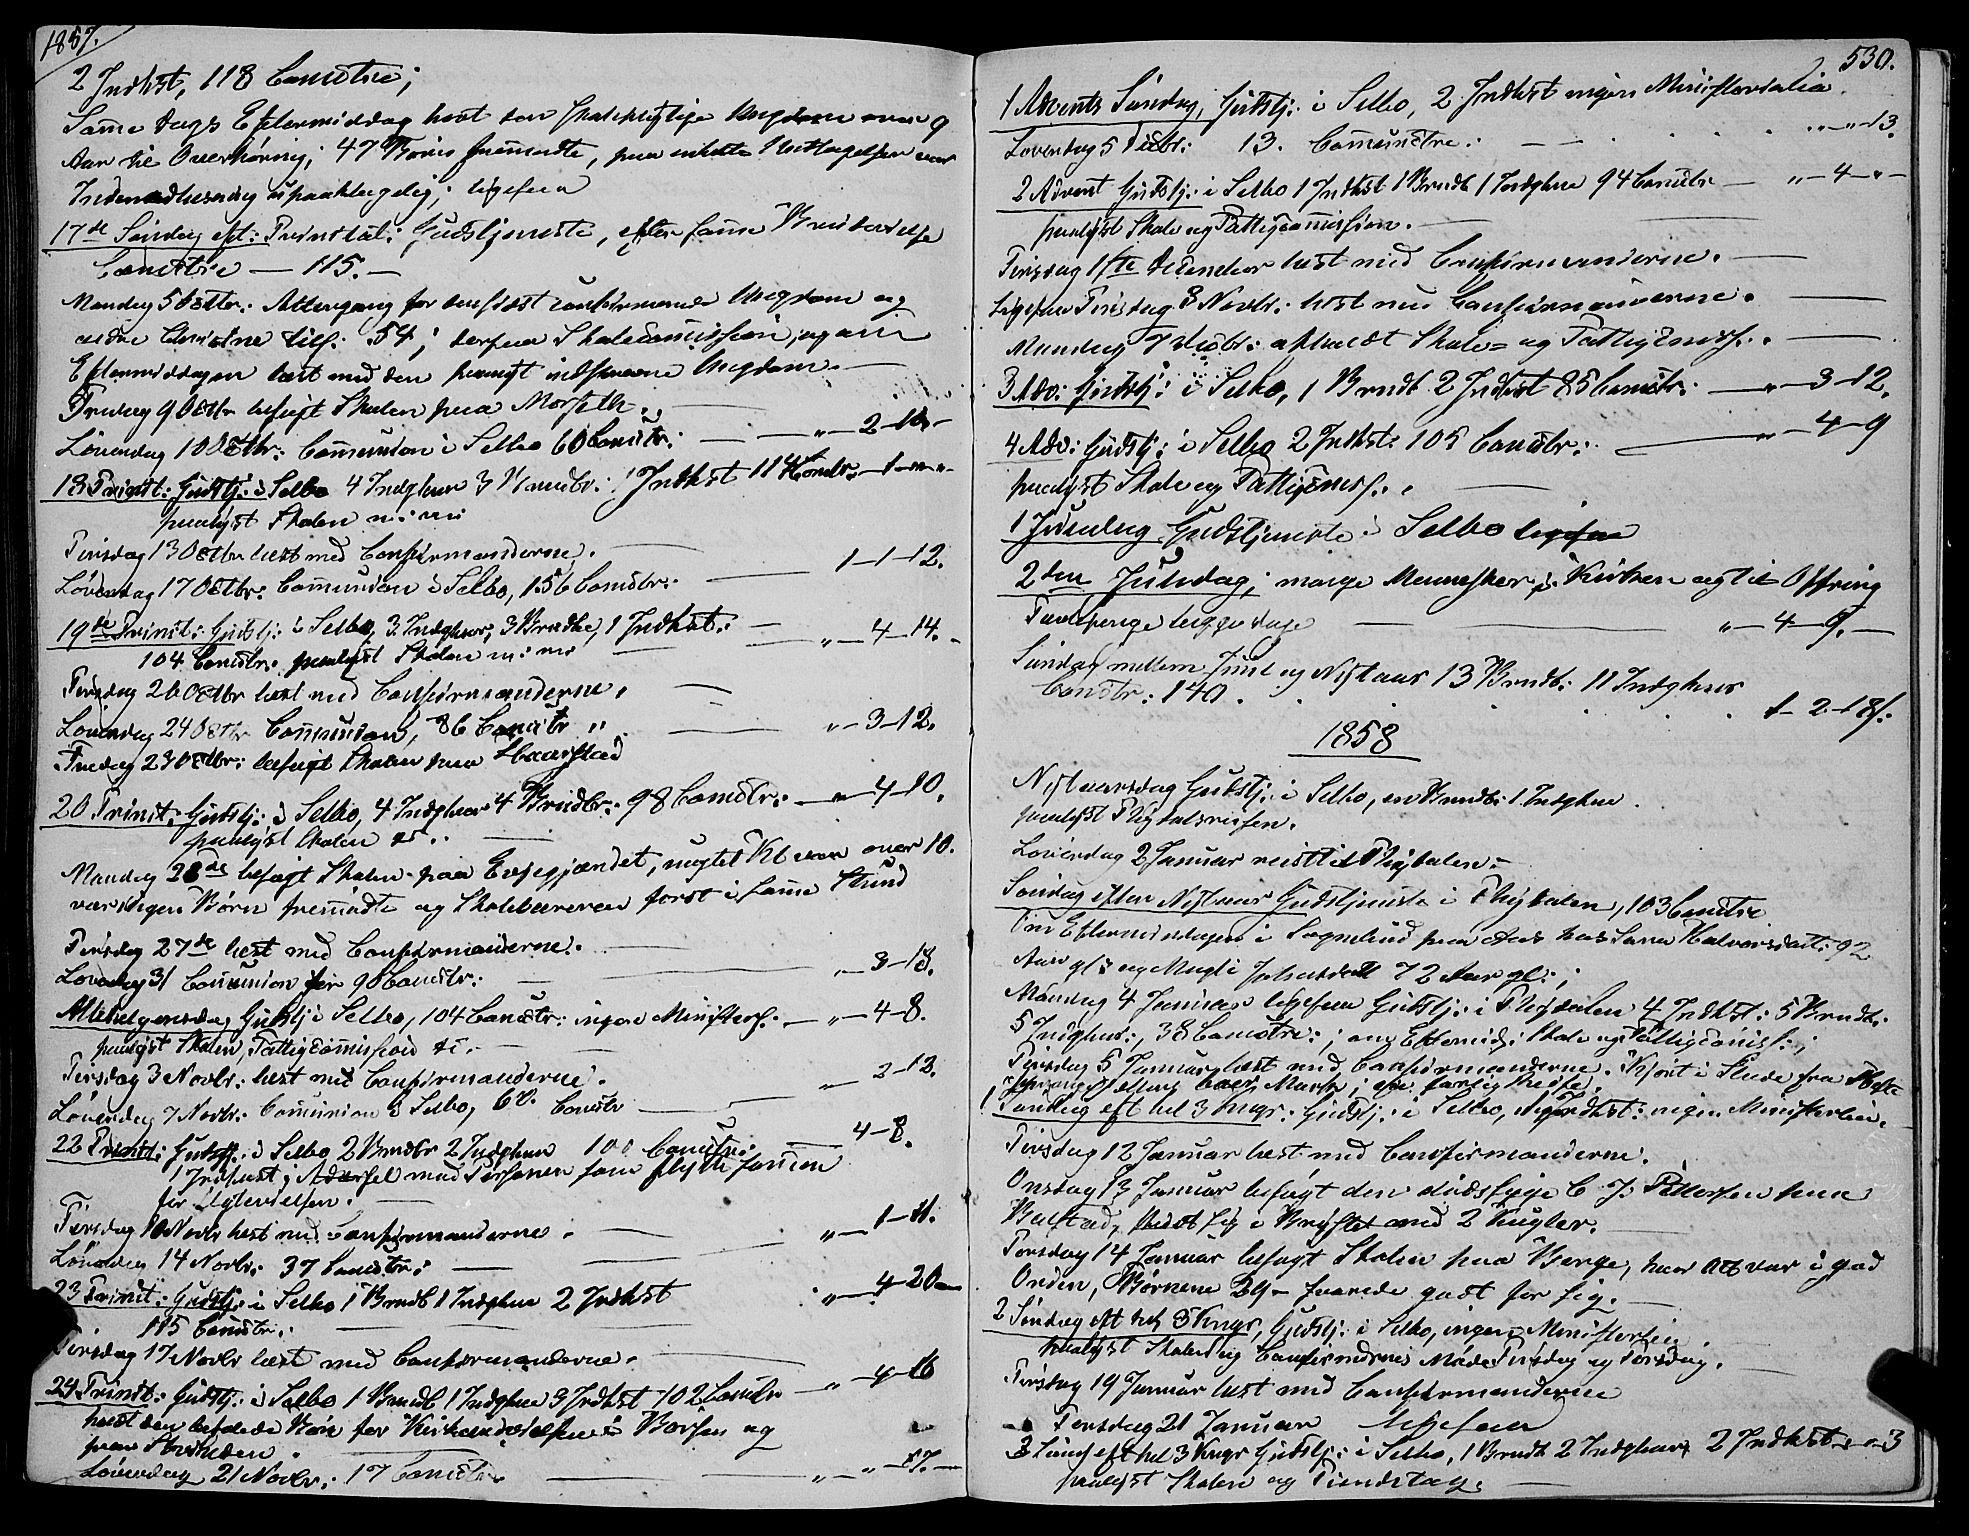 SAT, Ministerialprotokoller, klokkerbøker og fødselsregistre - Sør-Trøndelag, 695/L1145: Ministerialbok nr. 695A06 /1, 1843-1859, s. 530